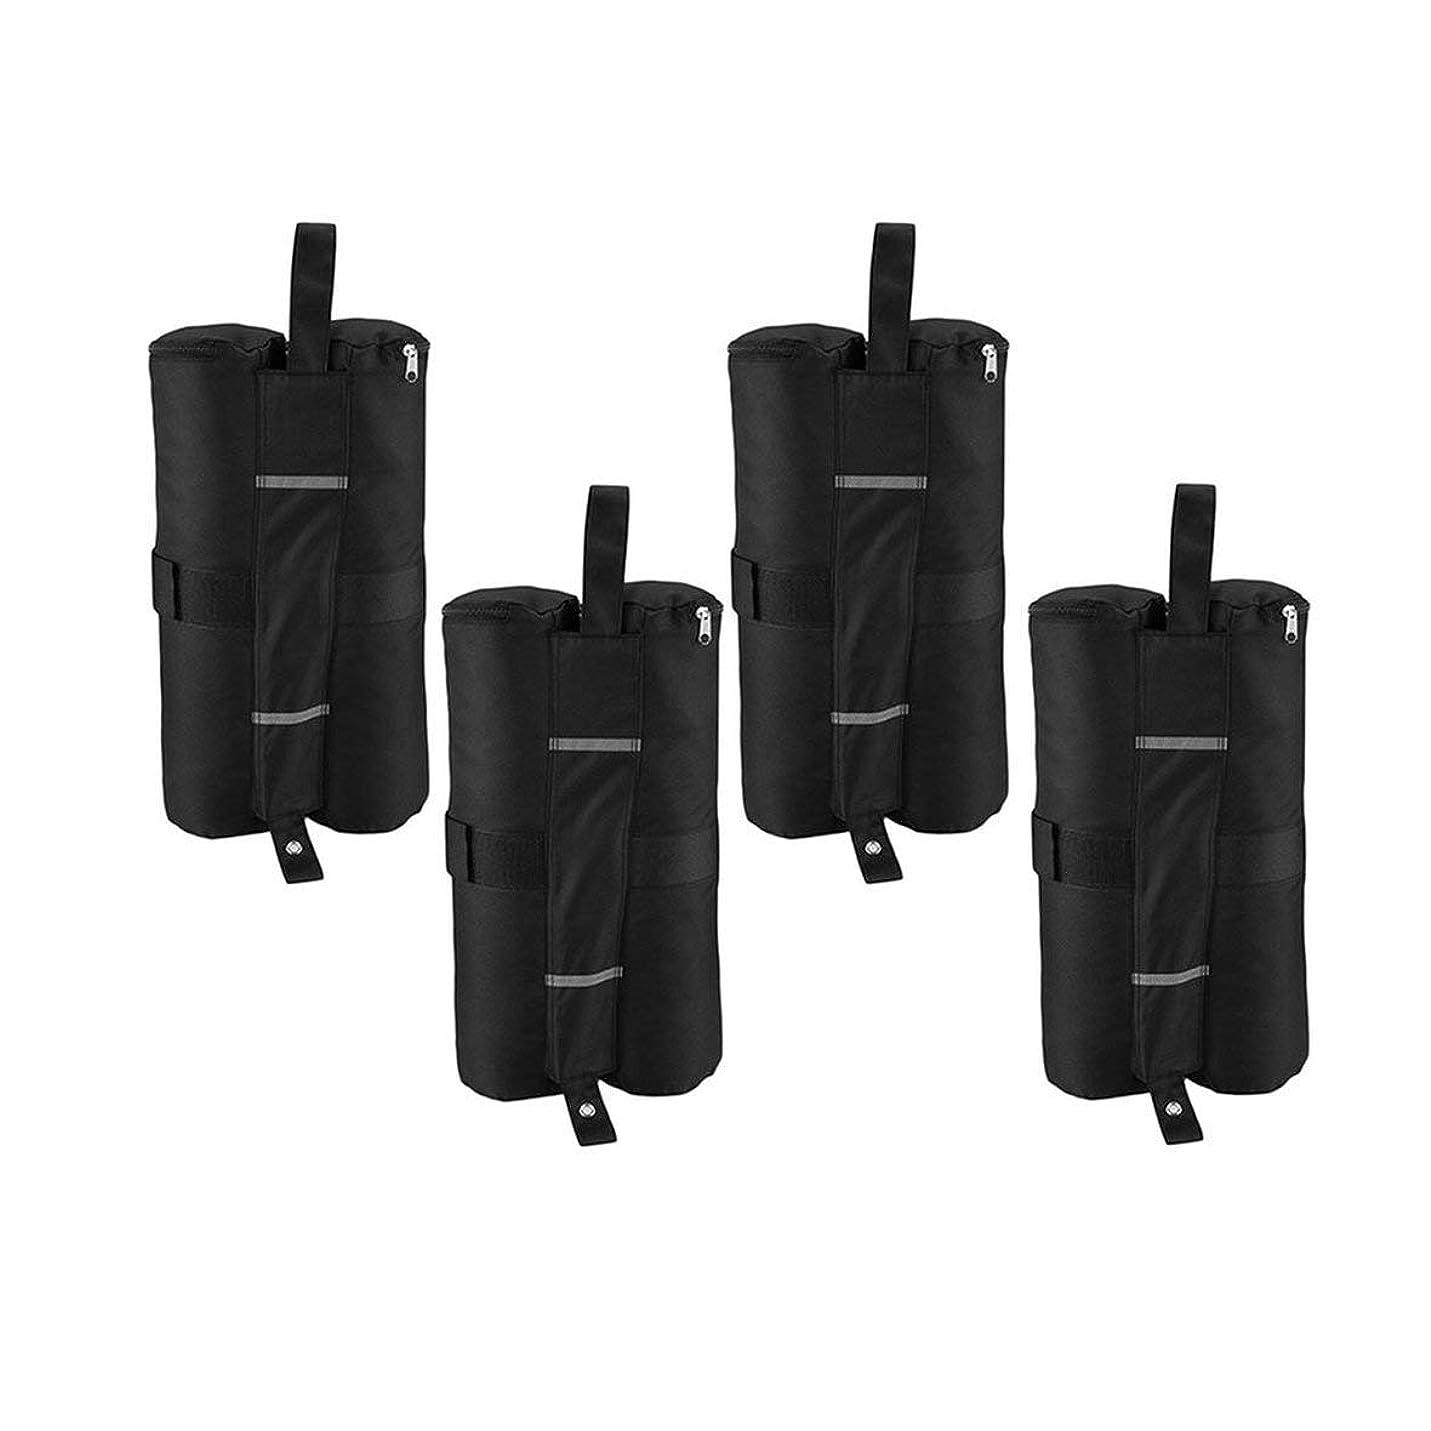 記録解放する可動式Blackfell 4ピースポータブルキャノピーテントウェイトバッグ屋外サンシェルター防風サンドバッグ用インスタント脚テントスタンド固定サンドバッグ